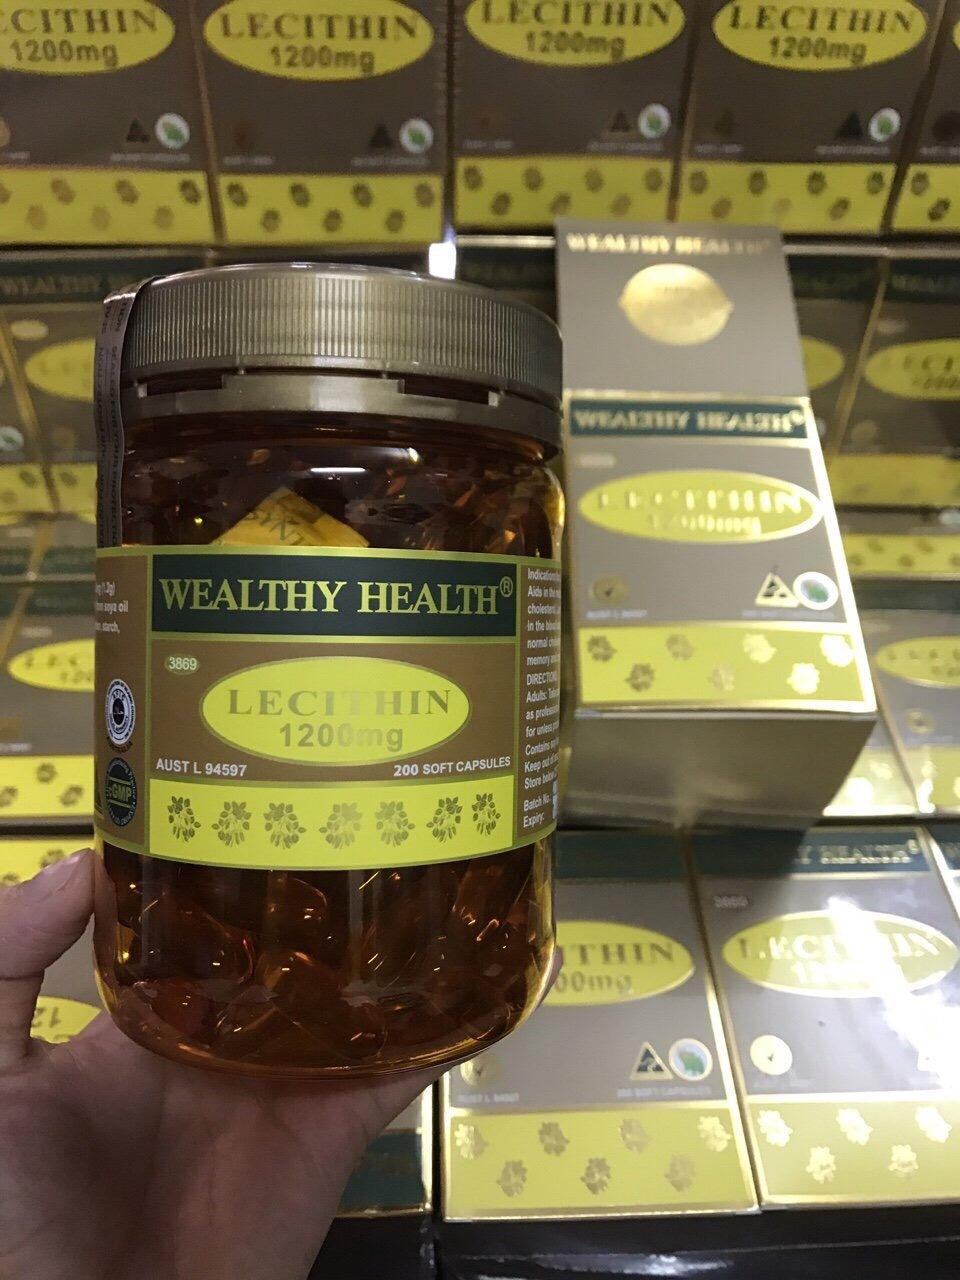 Mầm đậu nành Lecithin Wealthy Health, mầm đậu nành Lecithin Wealthy Health review, mầm đậu nành Lecithin Wealthy Health có tốt không, Mầm đậu nành Lecithin Wealthy Health 1200mg, Công dụng của viên uống Mầm đậu nành Lecithin Wealthy Health, mầm đậu nành Lecithin Wealthy Health tốt không, Tinh chất mầm đậu nành Lecithin Wealthy Healthy, Viên uống mầm đậu nành Lecithin Wealthy Healthy